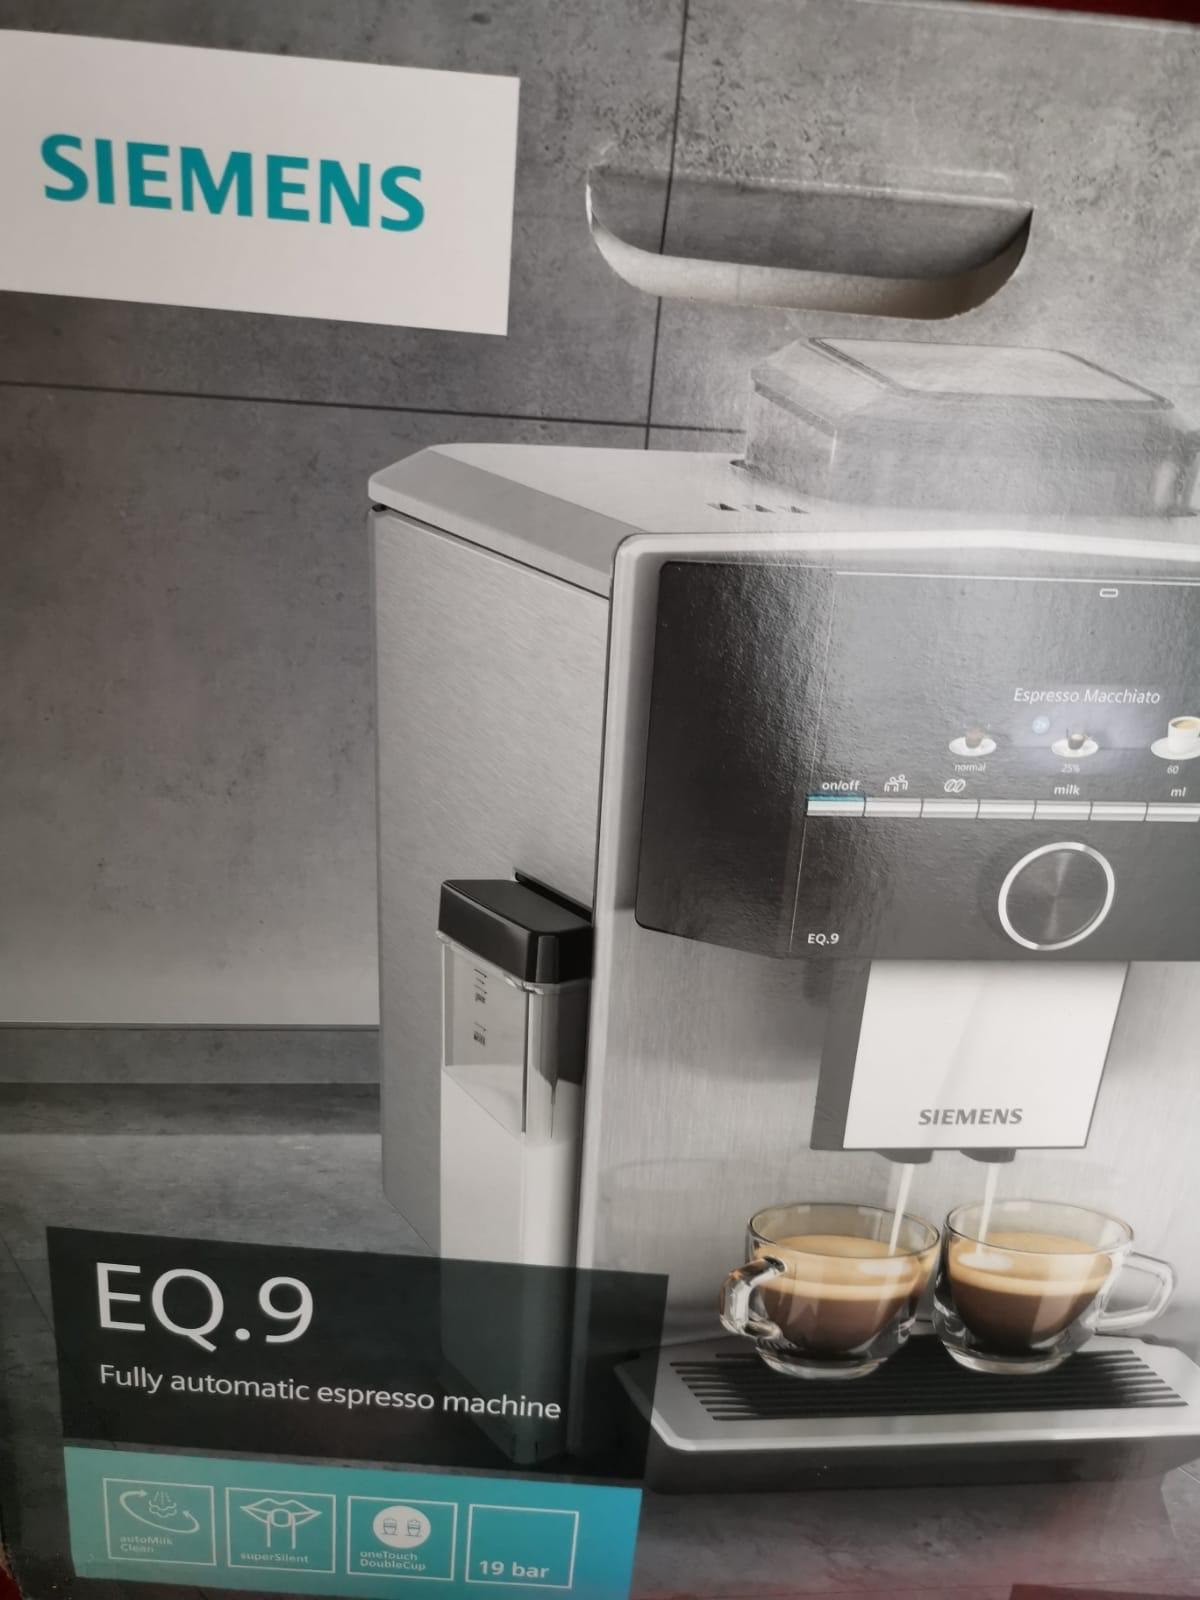 Siemens EQ.9 S300 / TI923509DE / LOKAL in ERLANGEN